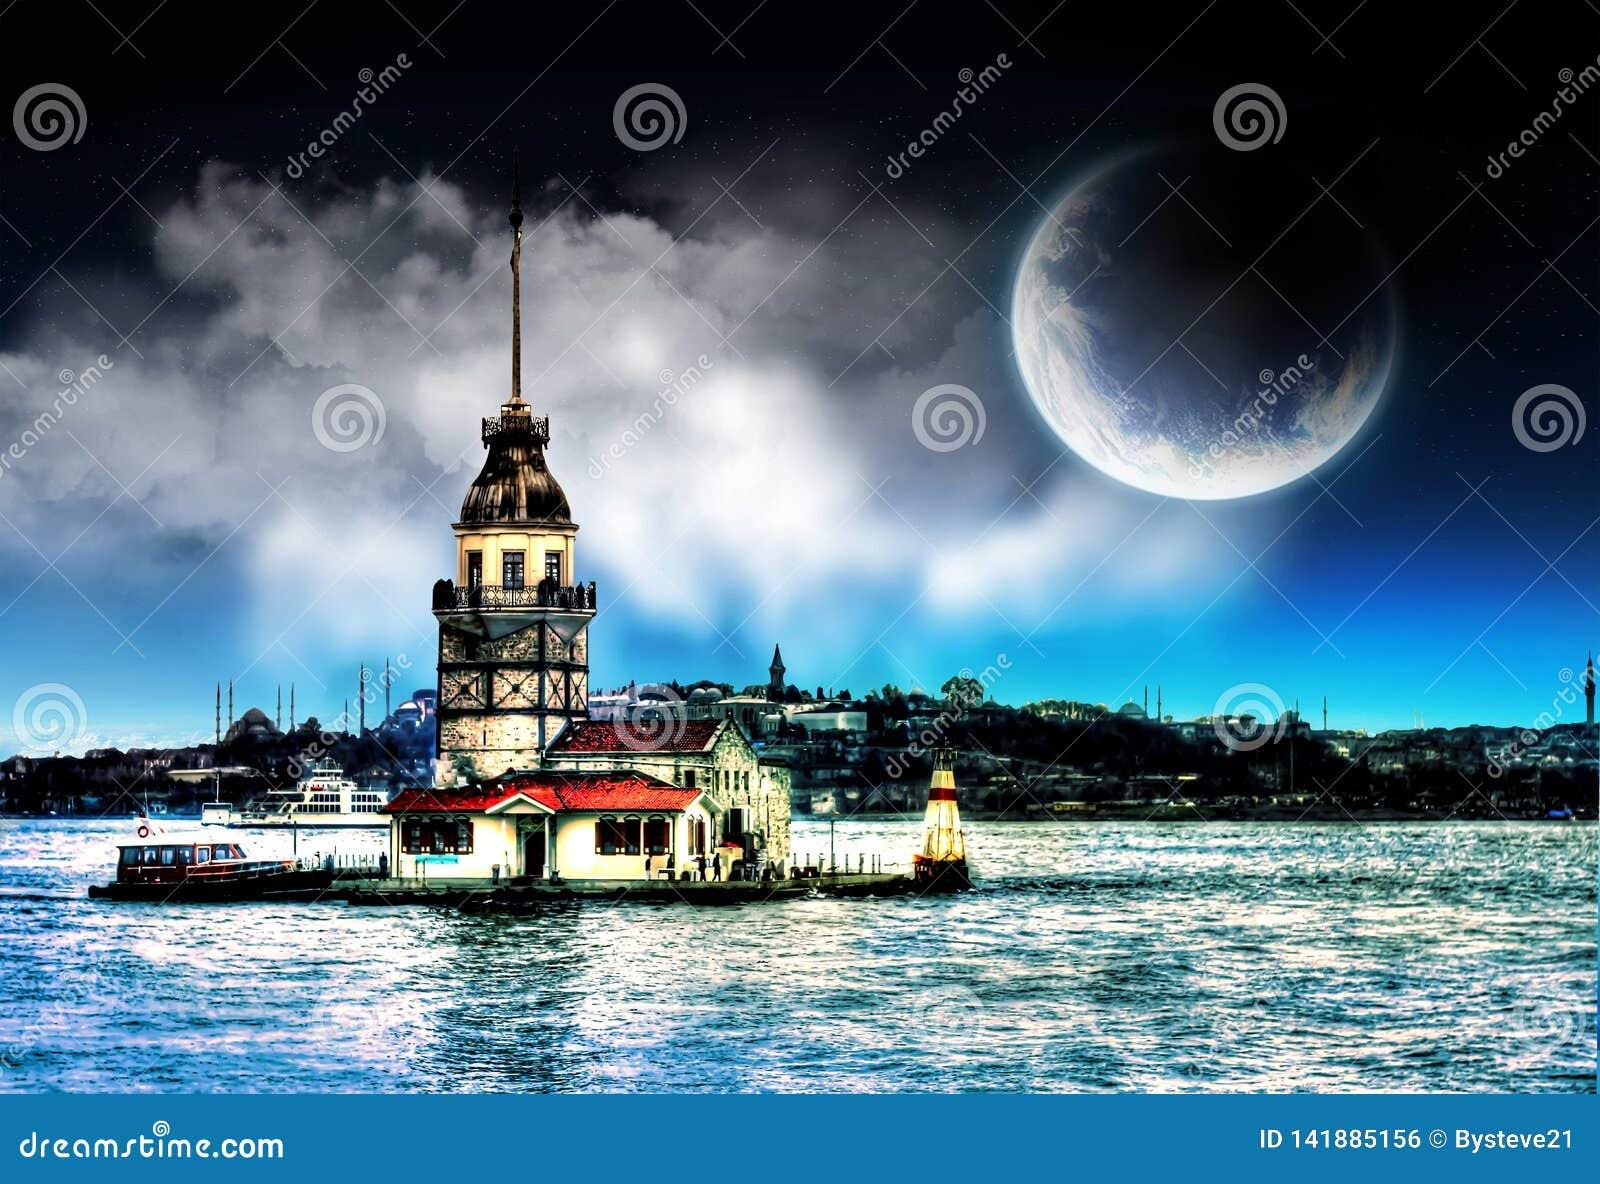 Πύργος κοριτσιού στην Κωνσταντινούπολη Τουρκία